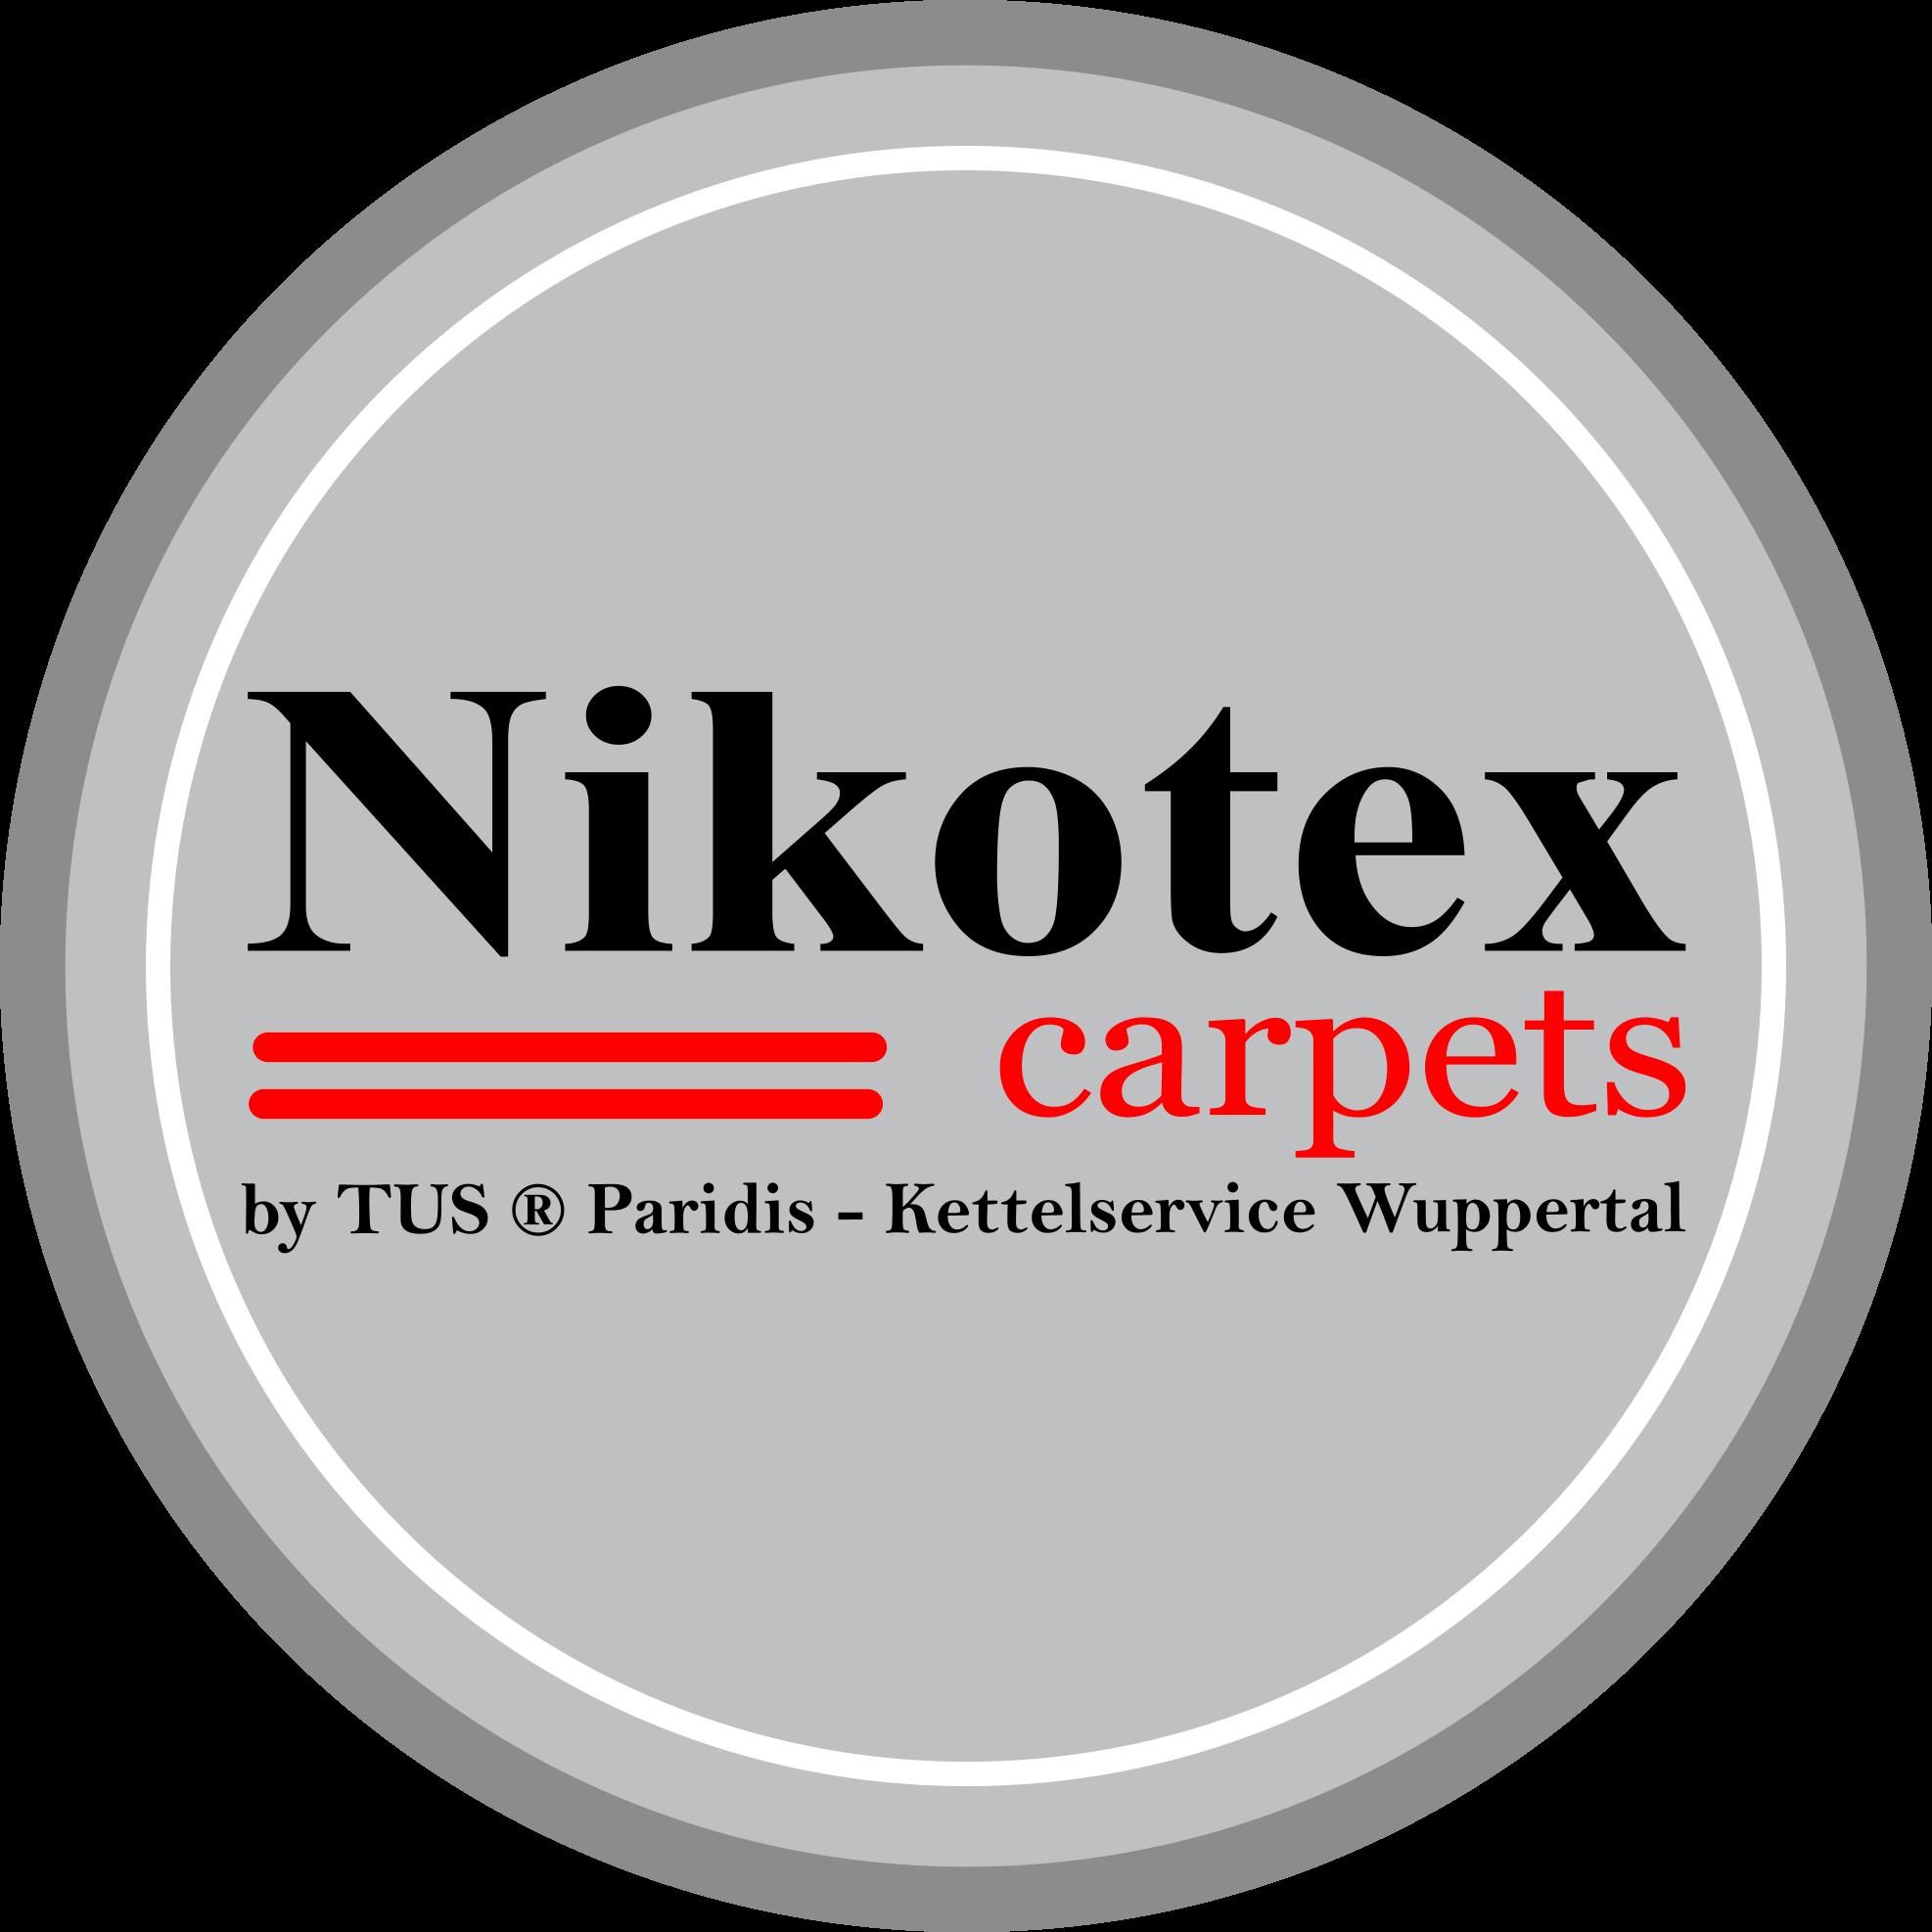 NIKOTEX by TUS Paridis